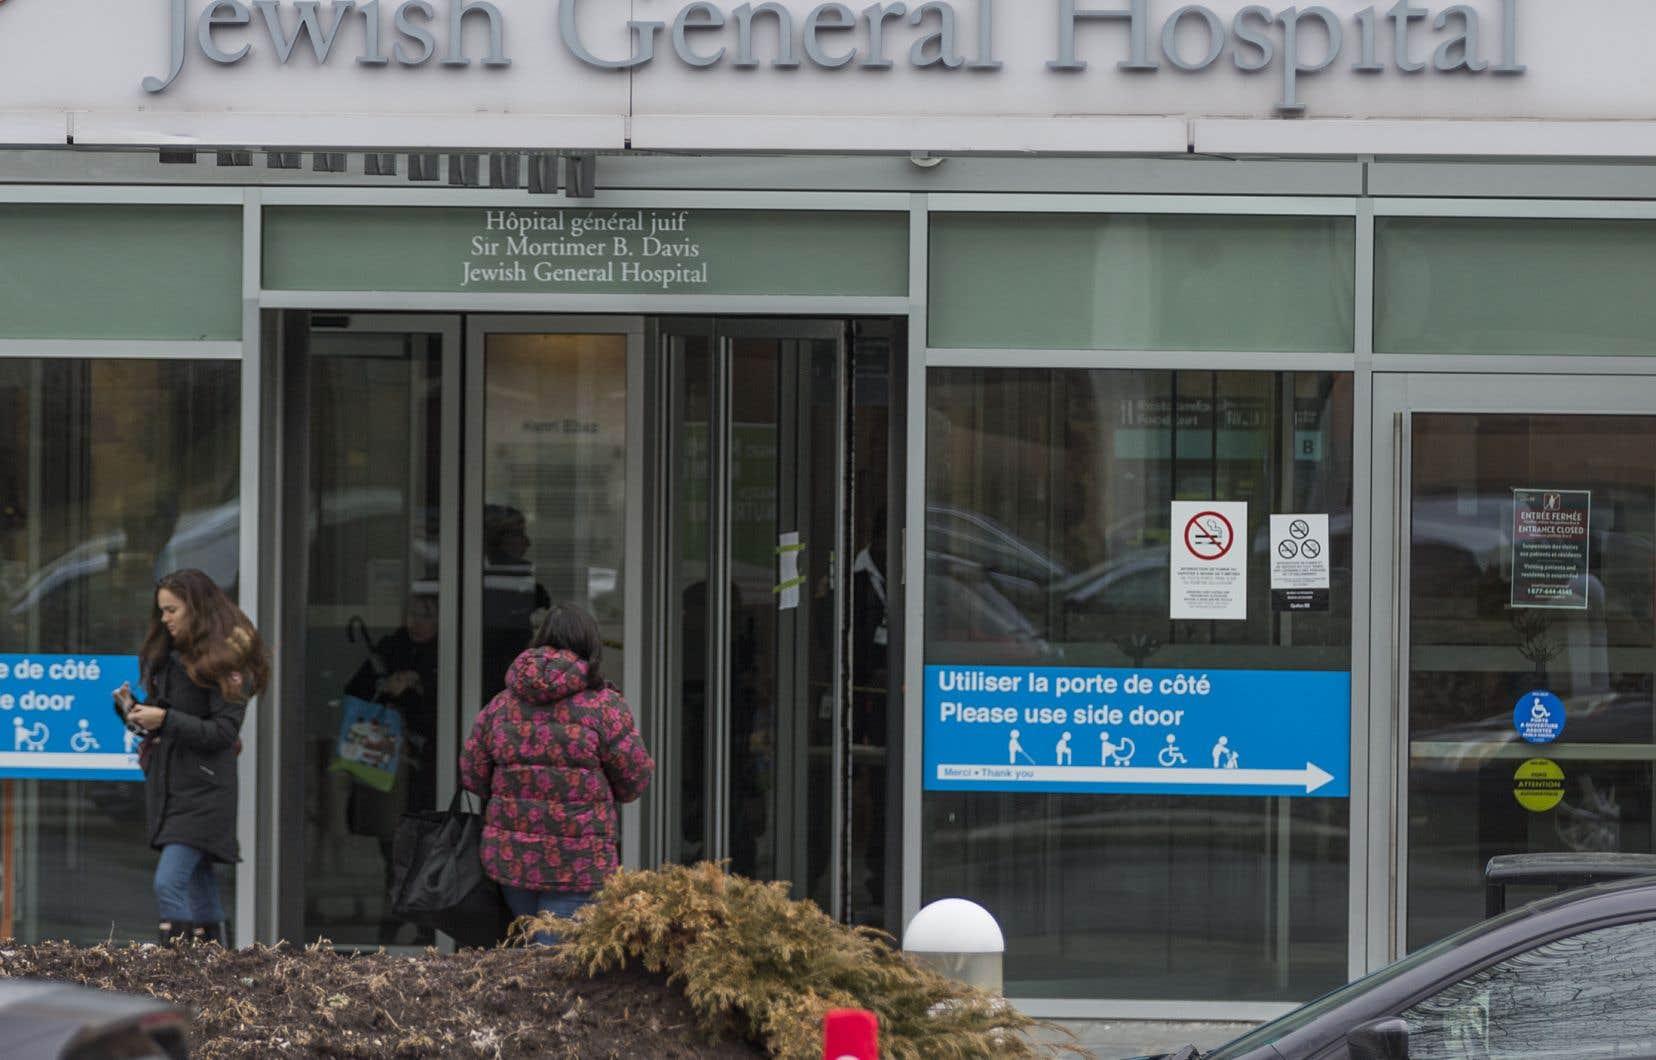 À l'Hôpital général juif, les conjoints ne sont plus autorisés dans la salle d'accouchement ni dans l'unité de soins post-partum, aussi longtemps que durera la pandémie.